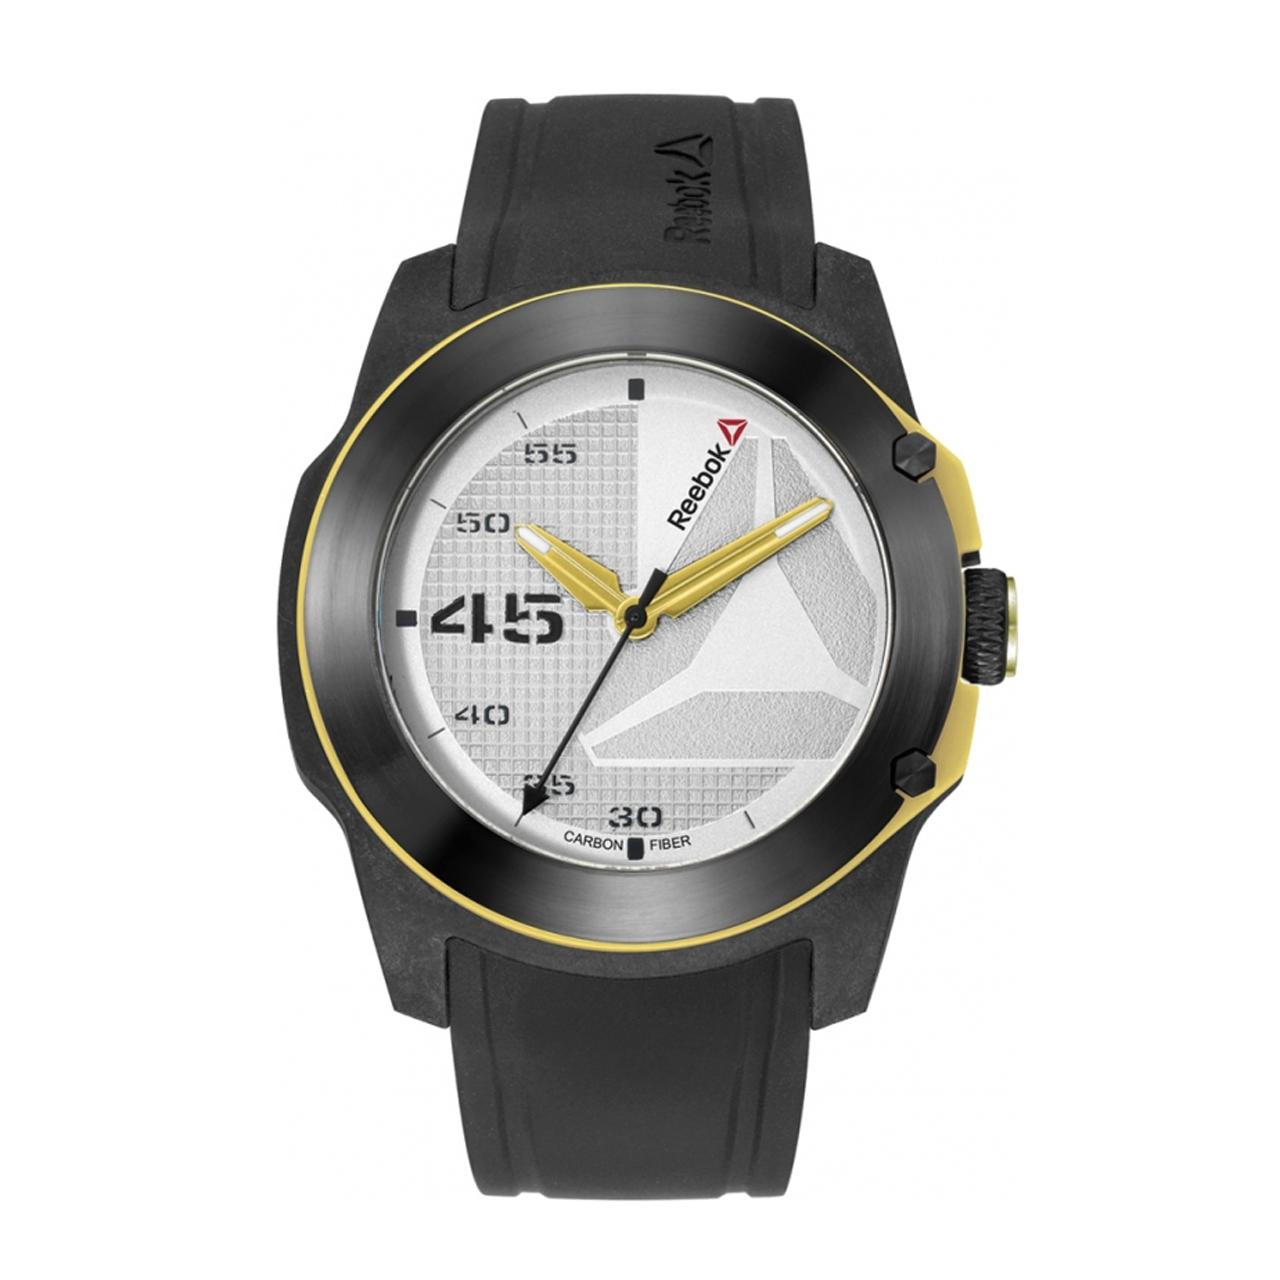 ساعت مچی عقربه ای مردانه ریباک مدل RD-HAY-G2-CBIB-12 48